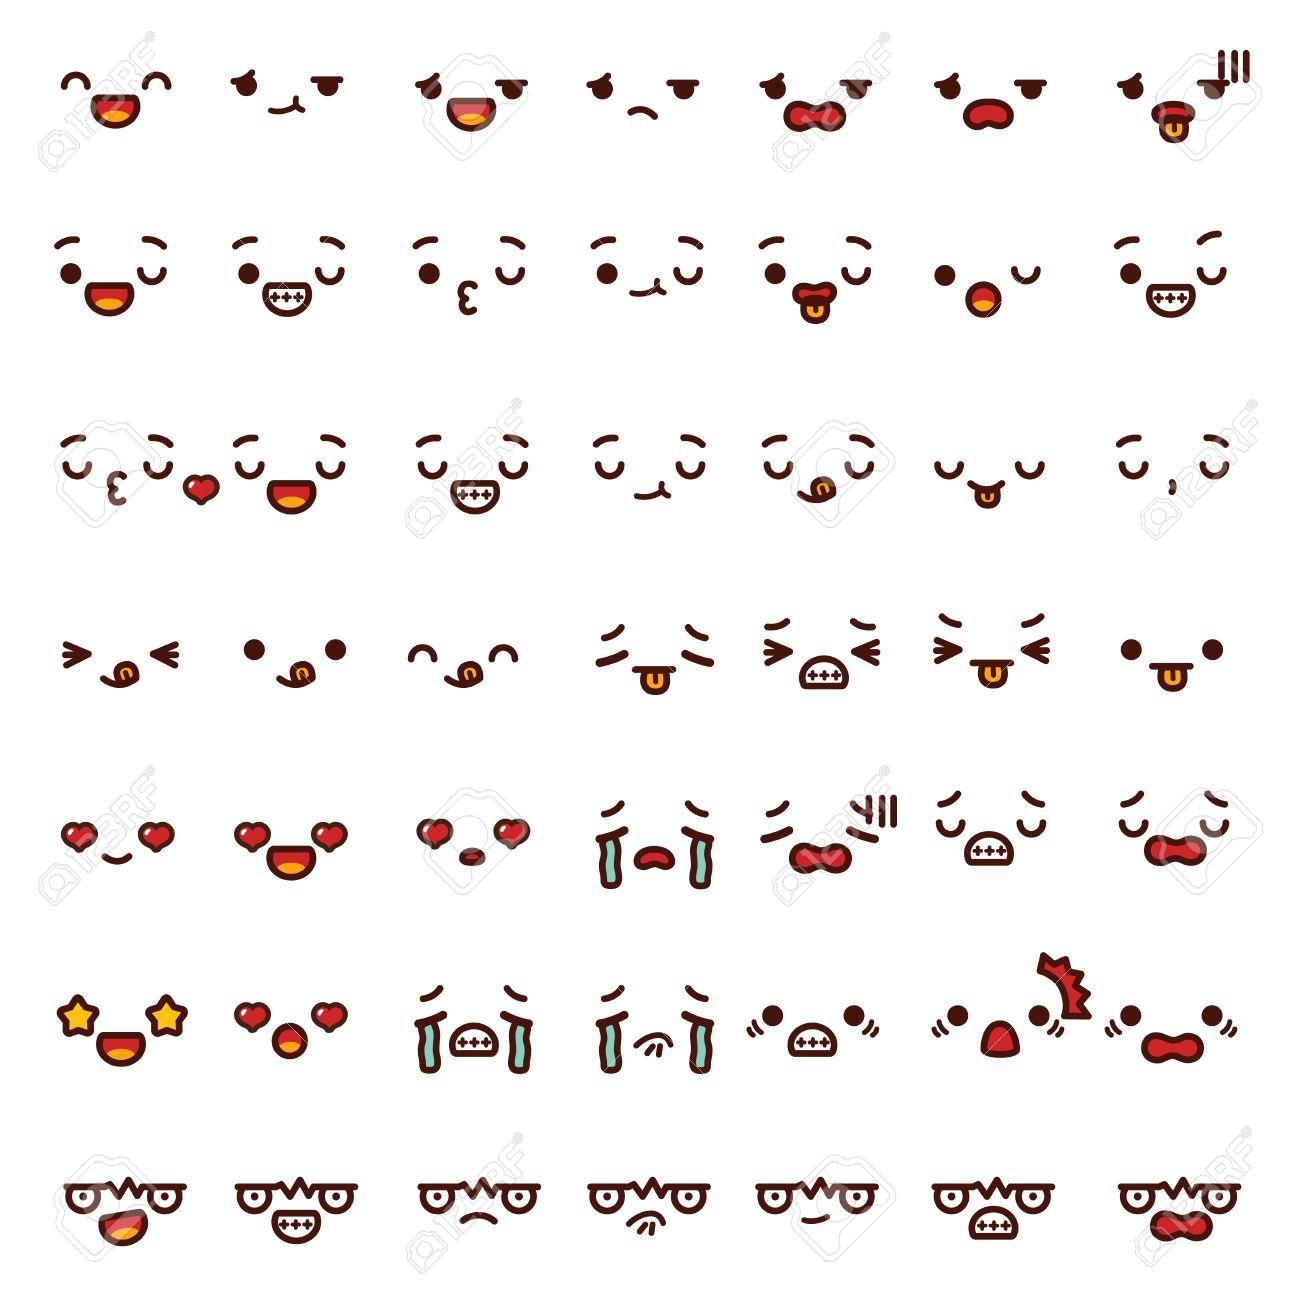 Preciosa Colección De Emoticono De Una Cara Linda De La Historieta Emoji Doodle Enojado Feliz Guiño Divertido Triste Choque Grito En El Amor